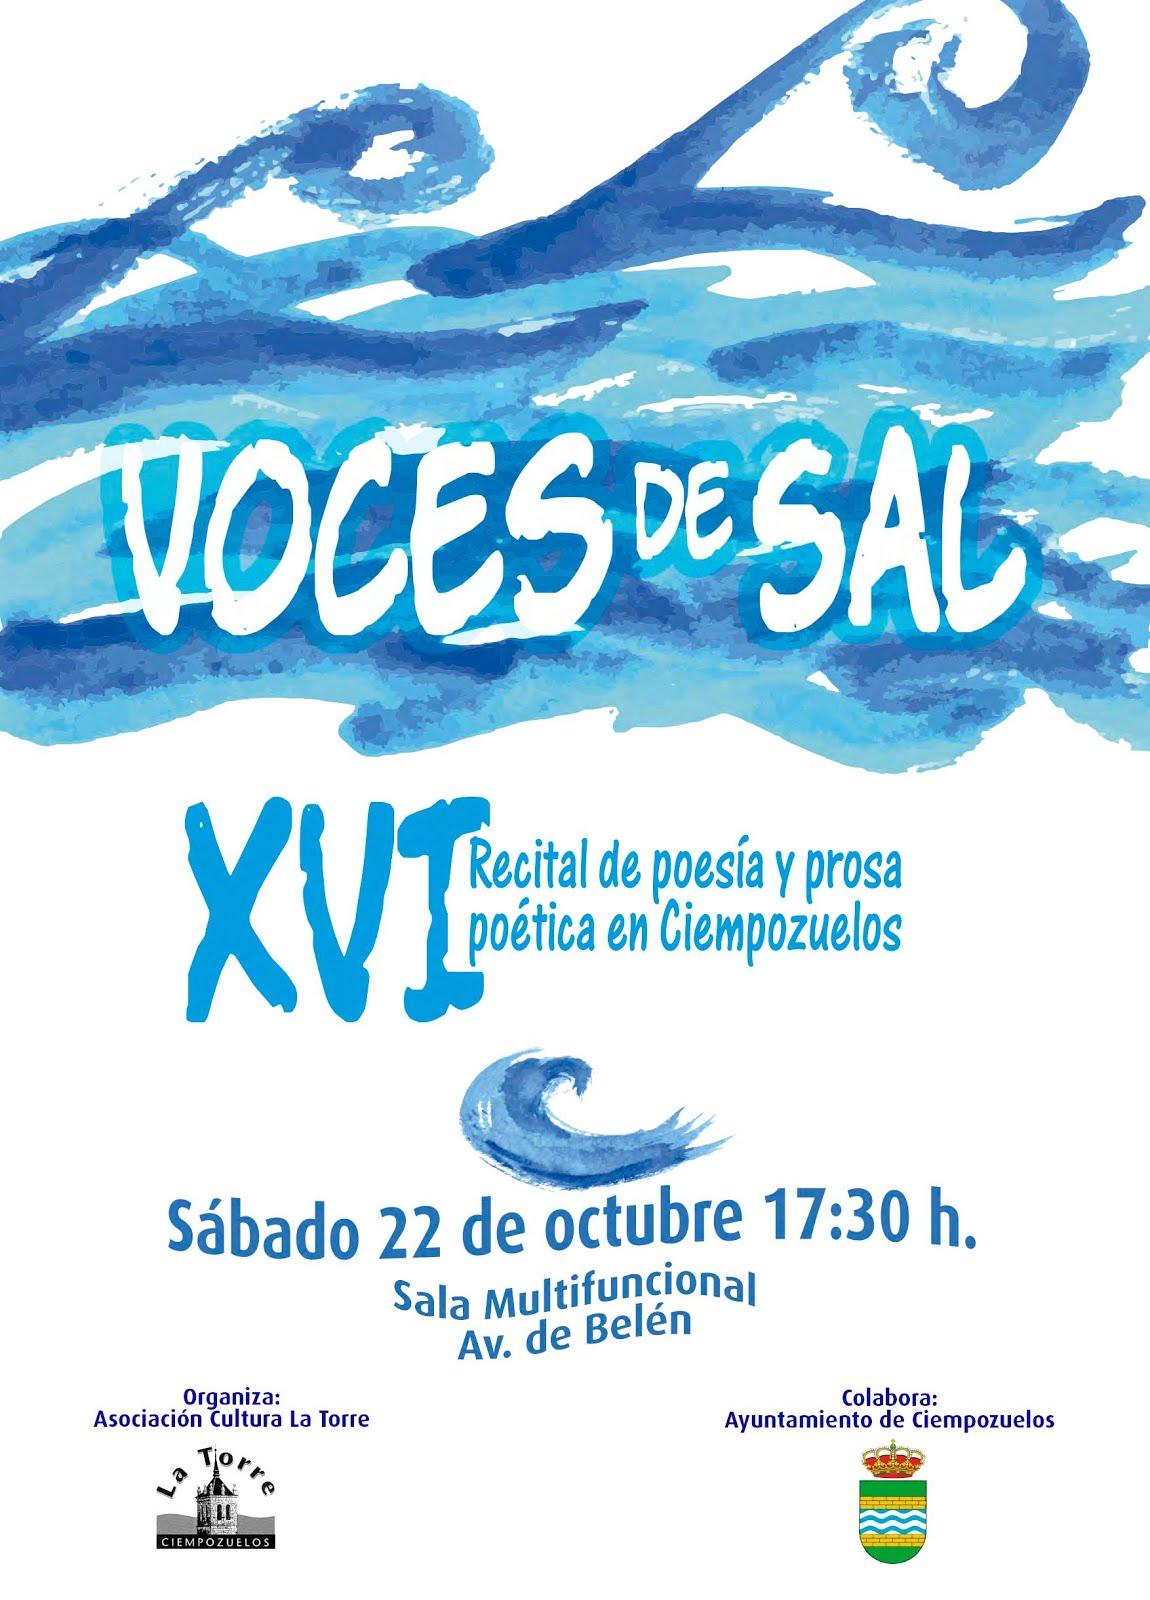 VOCES DE SAL